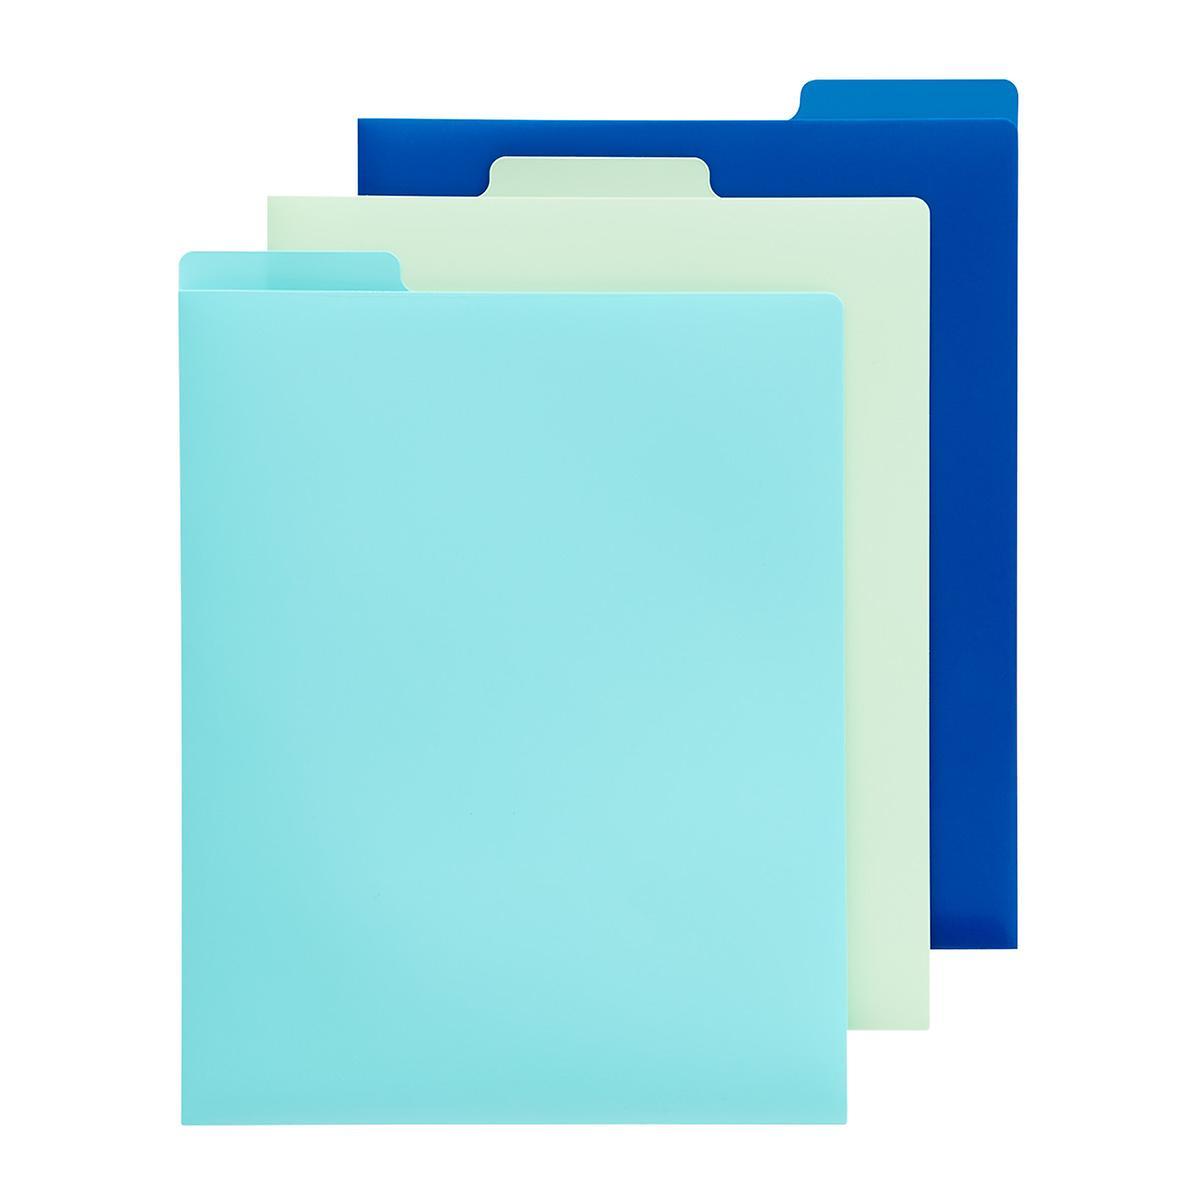 10073046-VERTICLE-FILE-FOLDERS-BLUE-.jpg